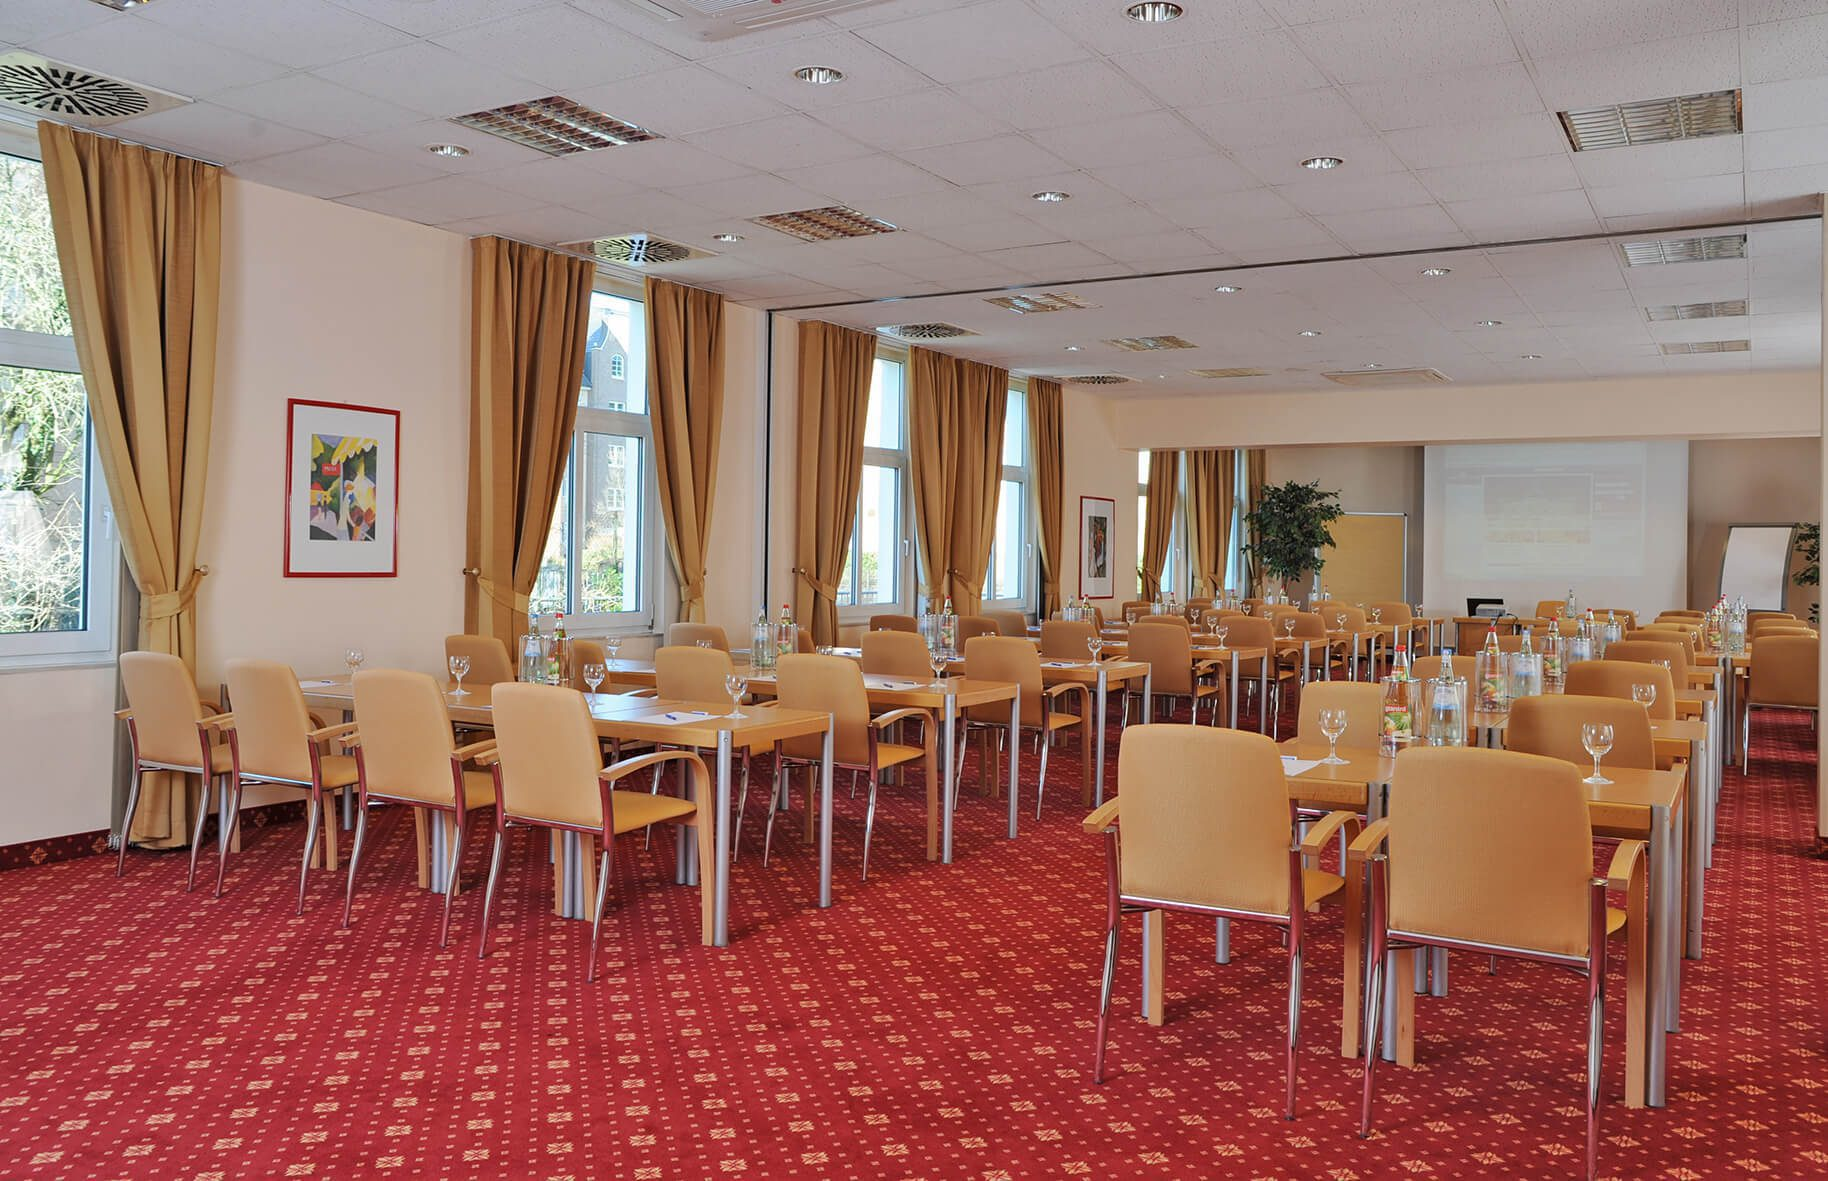 Bestuhlter Tagungsraum München und Hamburg im AMBER HOTEL Hilden/Düsseldorf